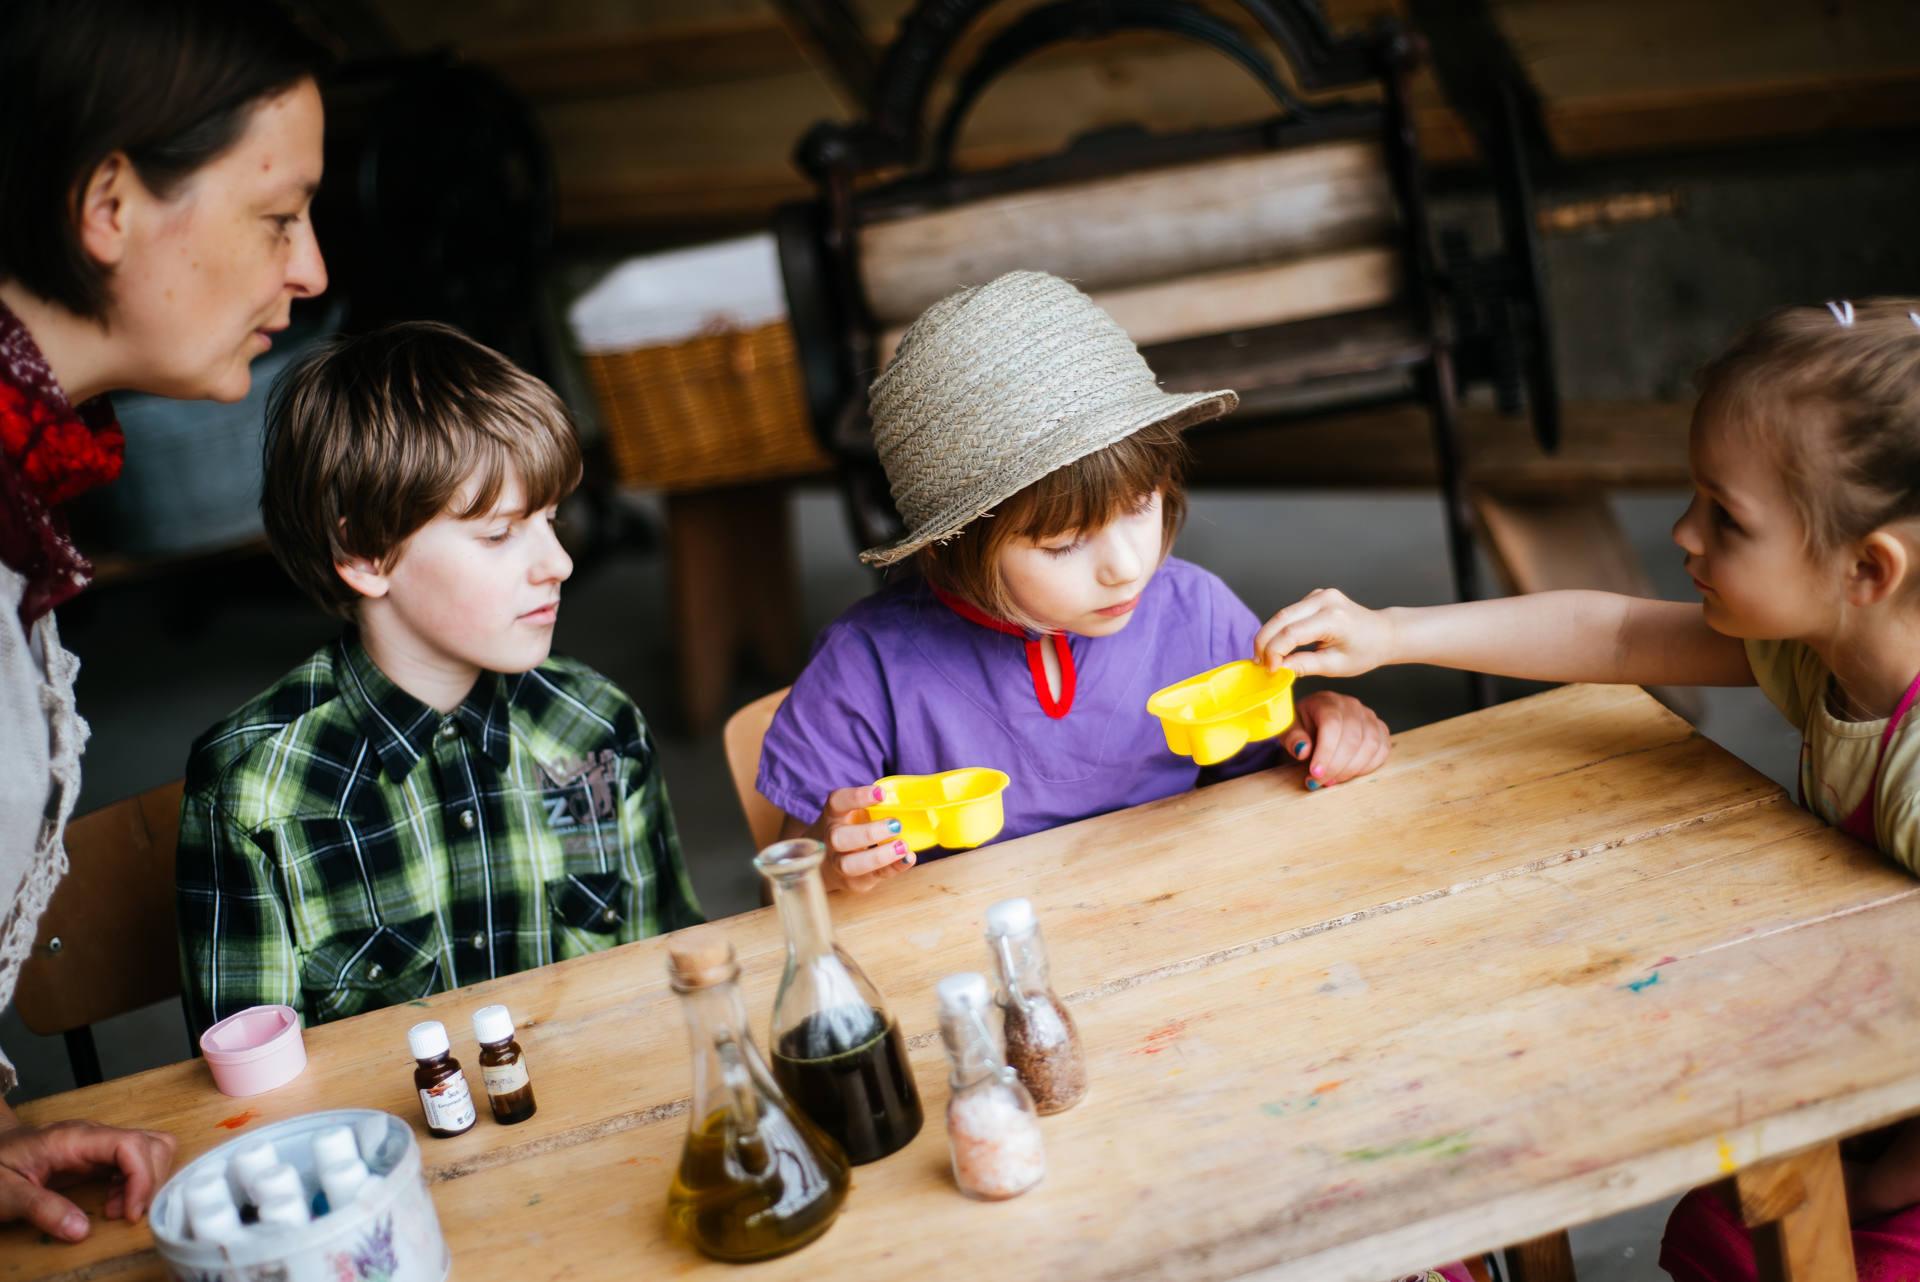 Teodoryk - Wioska Mydlarska - sesja zdjęciowa dla celów biznesowych i handlowych, jako relacja z warsztatów i zdjęcia produktowe, zrealizowana na terenie Górzna z udziałem dzieci. Fot. Nitychoruk